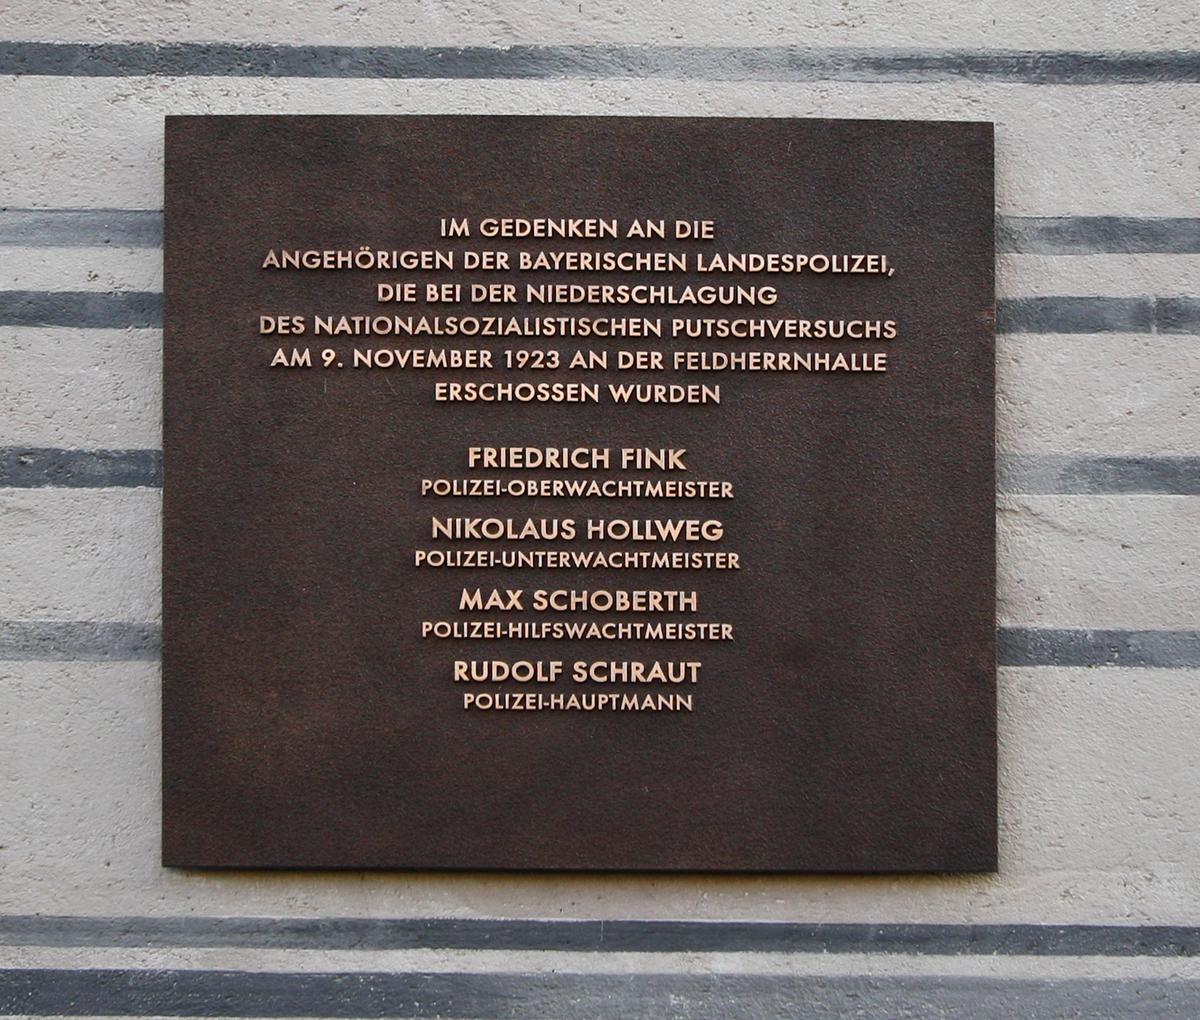 Gedenktafel für vier tote Polizisten des 9. November 1923